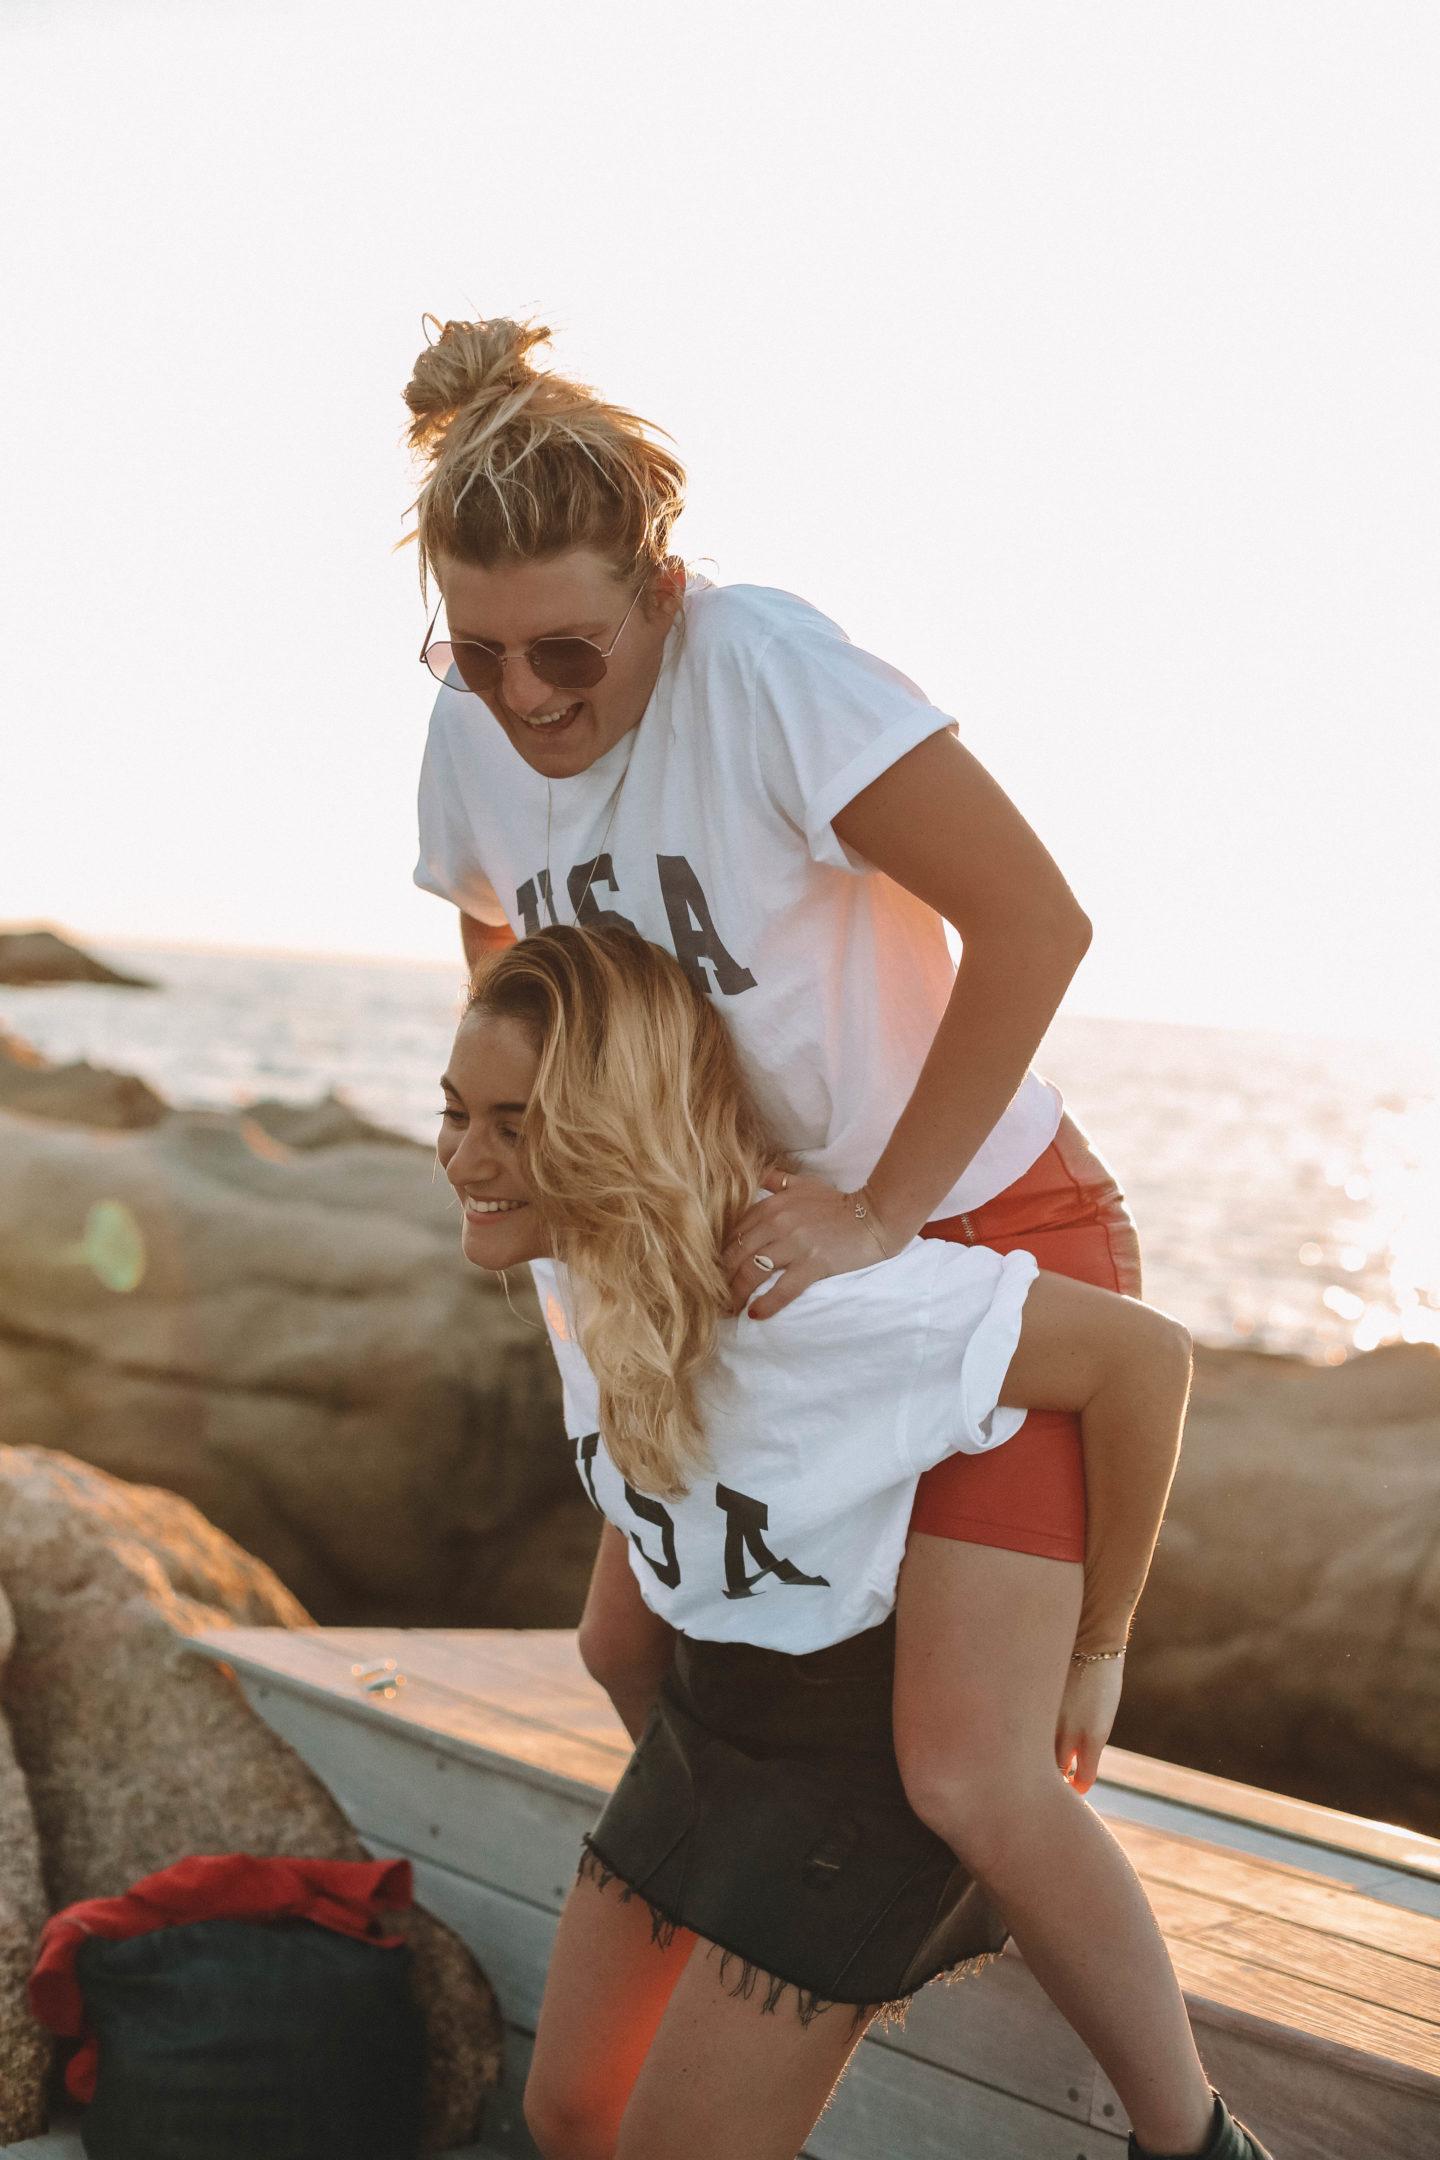 Vernissage blond Coiffirst - Blondie baby blog mode et voyages